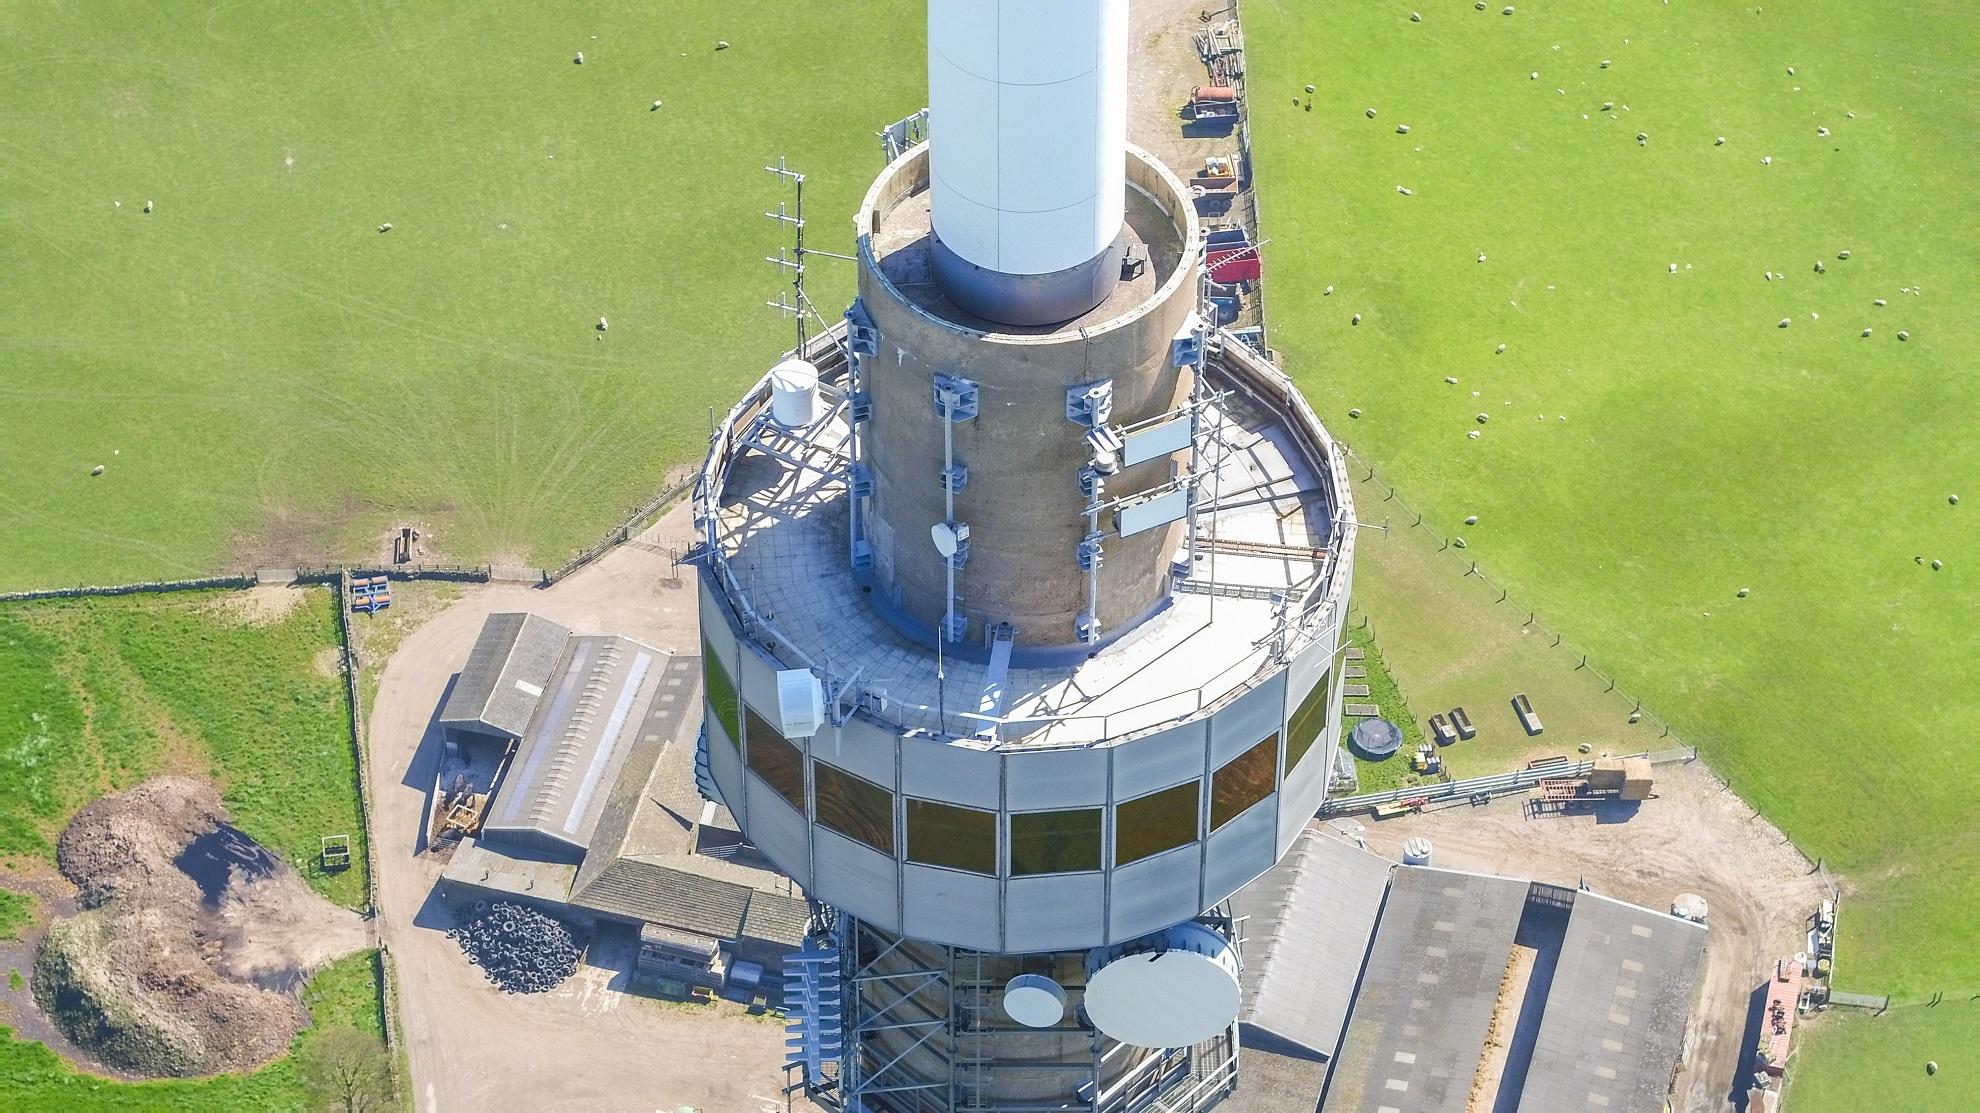 emley-moor-tower-pix4d-pix4dmapper-inspection-8